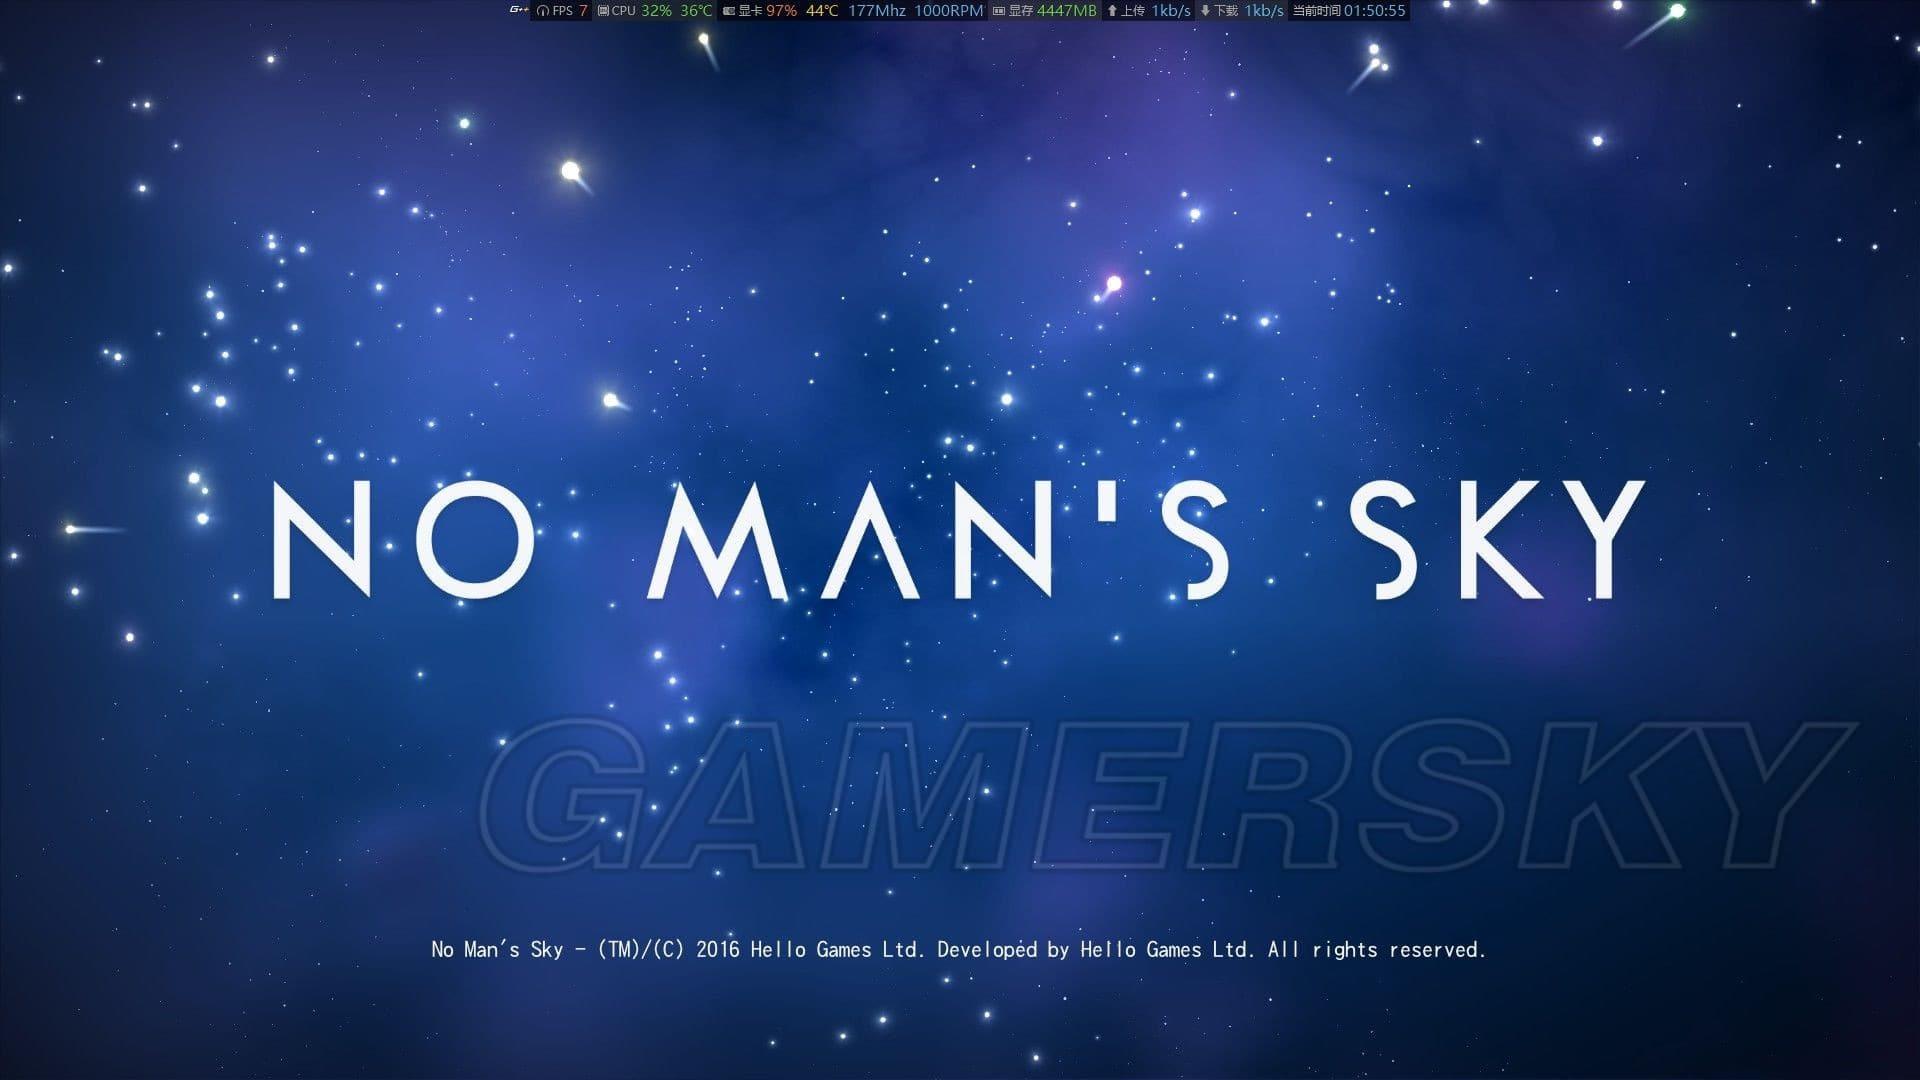 No Man's Sky 畫面遊戲性及系統試玩圖文心得